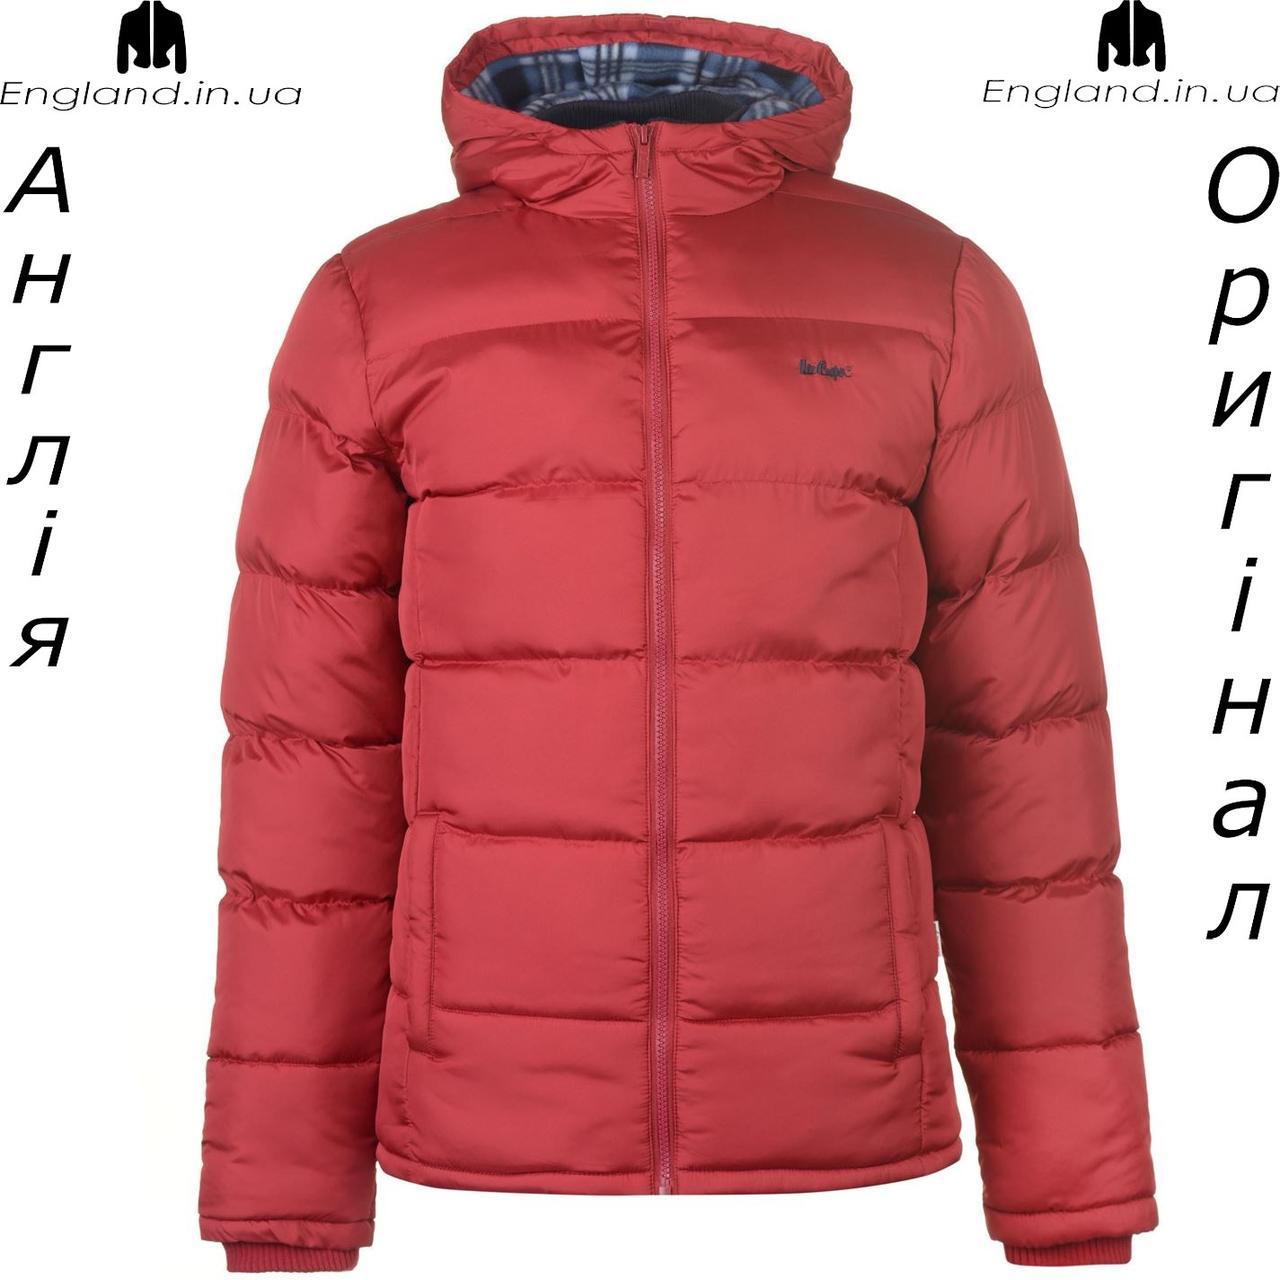 c45edff7 Куртка Мужская Lee Cooper Из Англии - Зимняя — в Категории